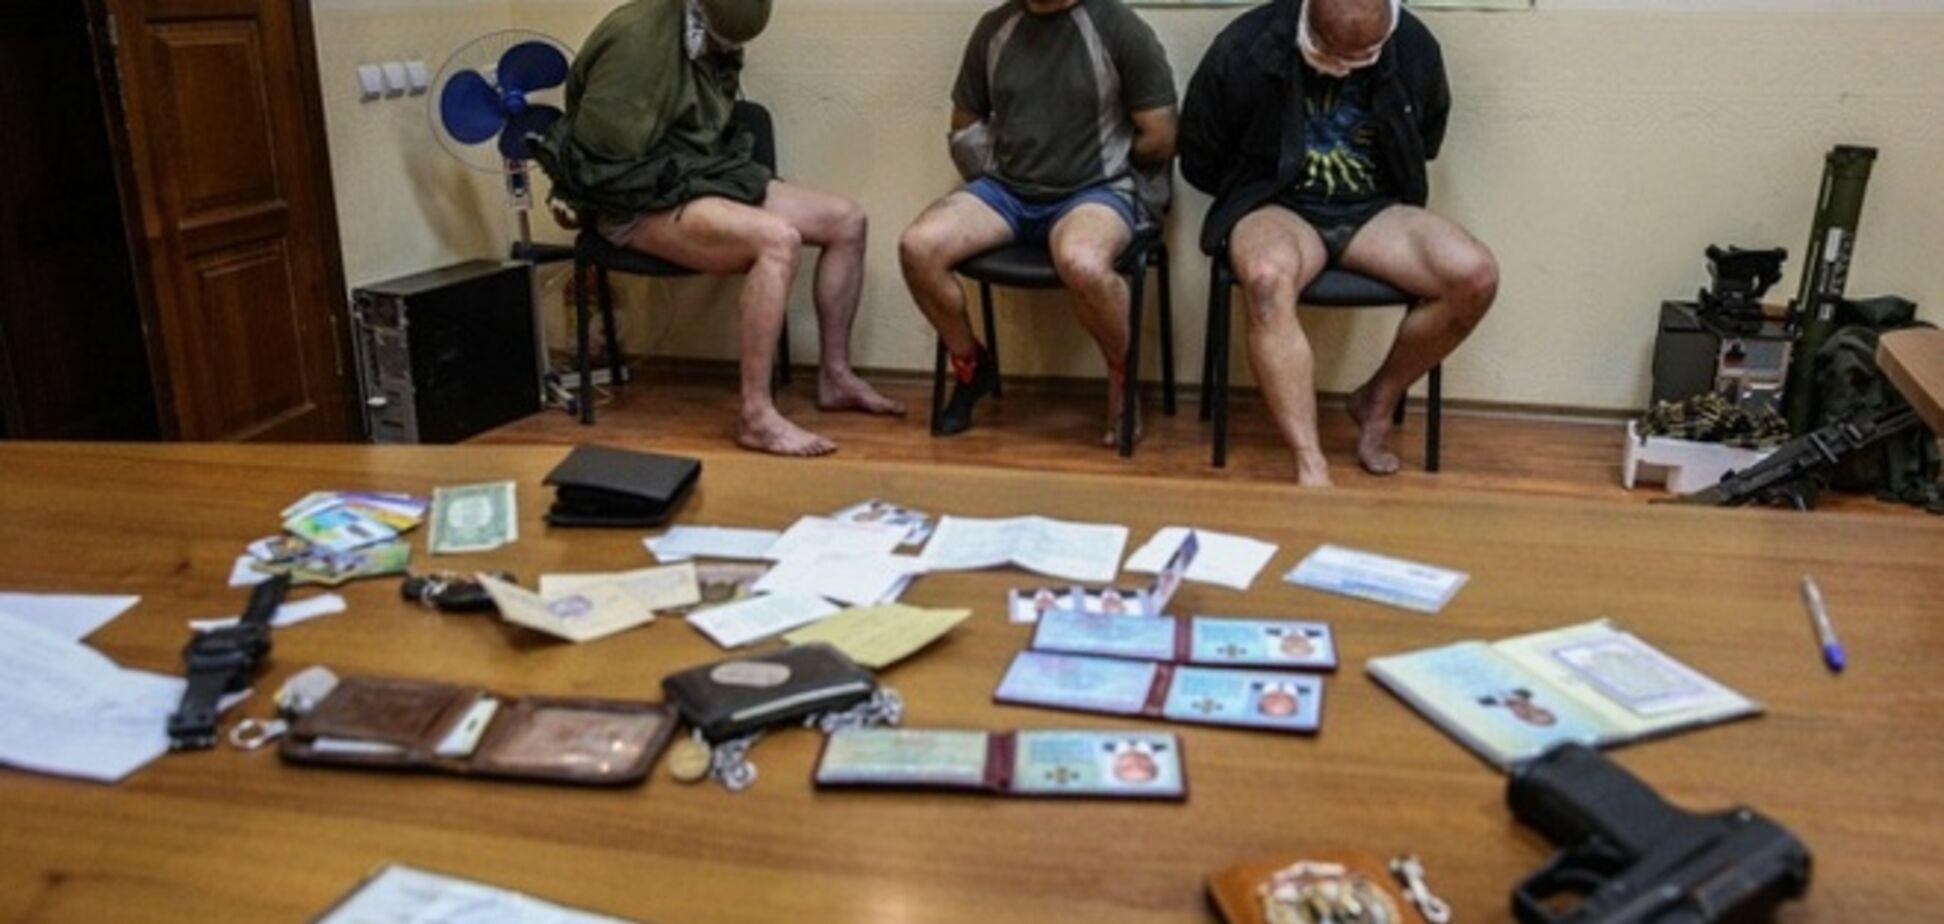 Офицеров СБУ и инспекторов ОБСЕ захватили 'классические террористы' - СНБО